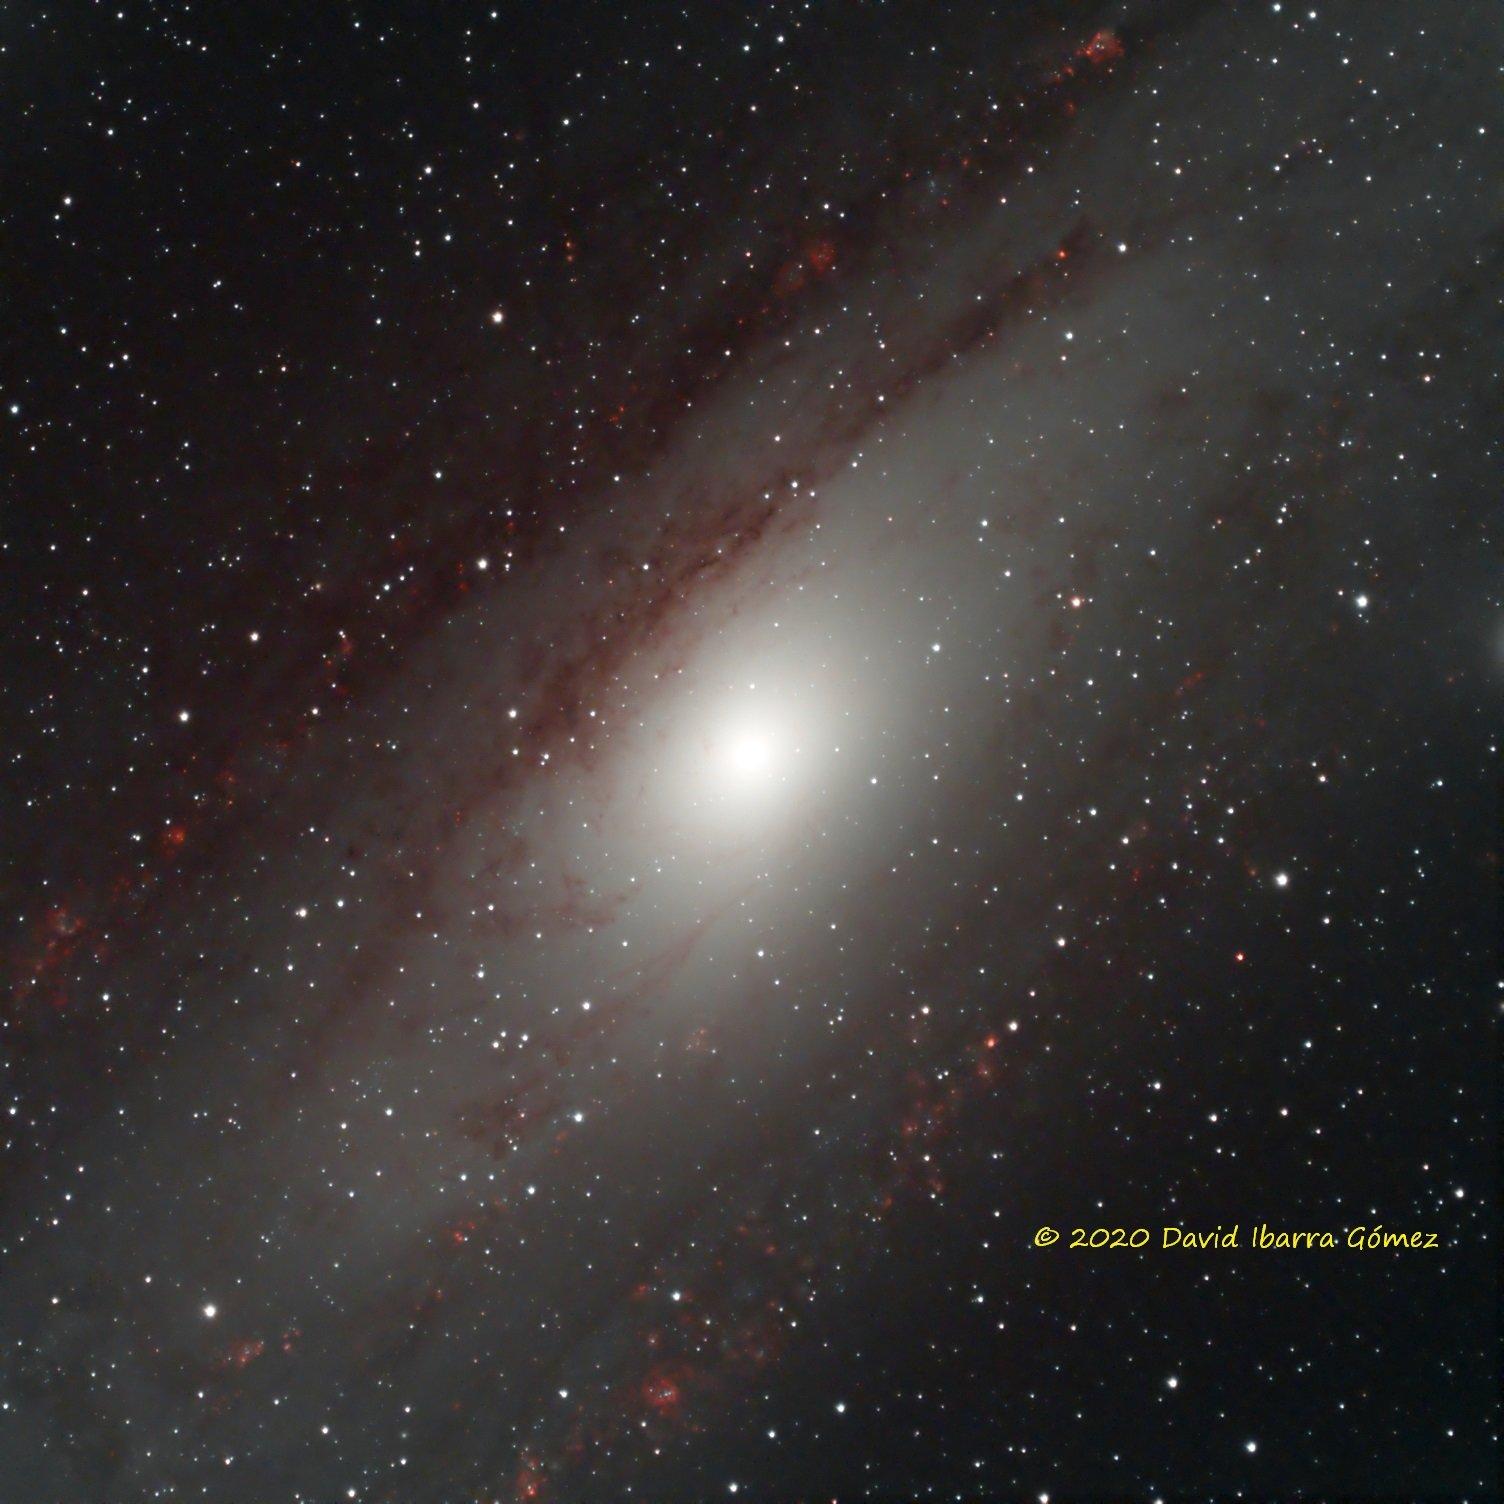 M31 - David Ibarra